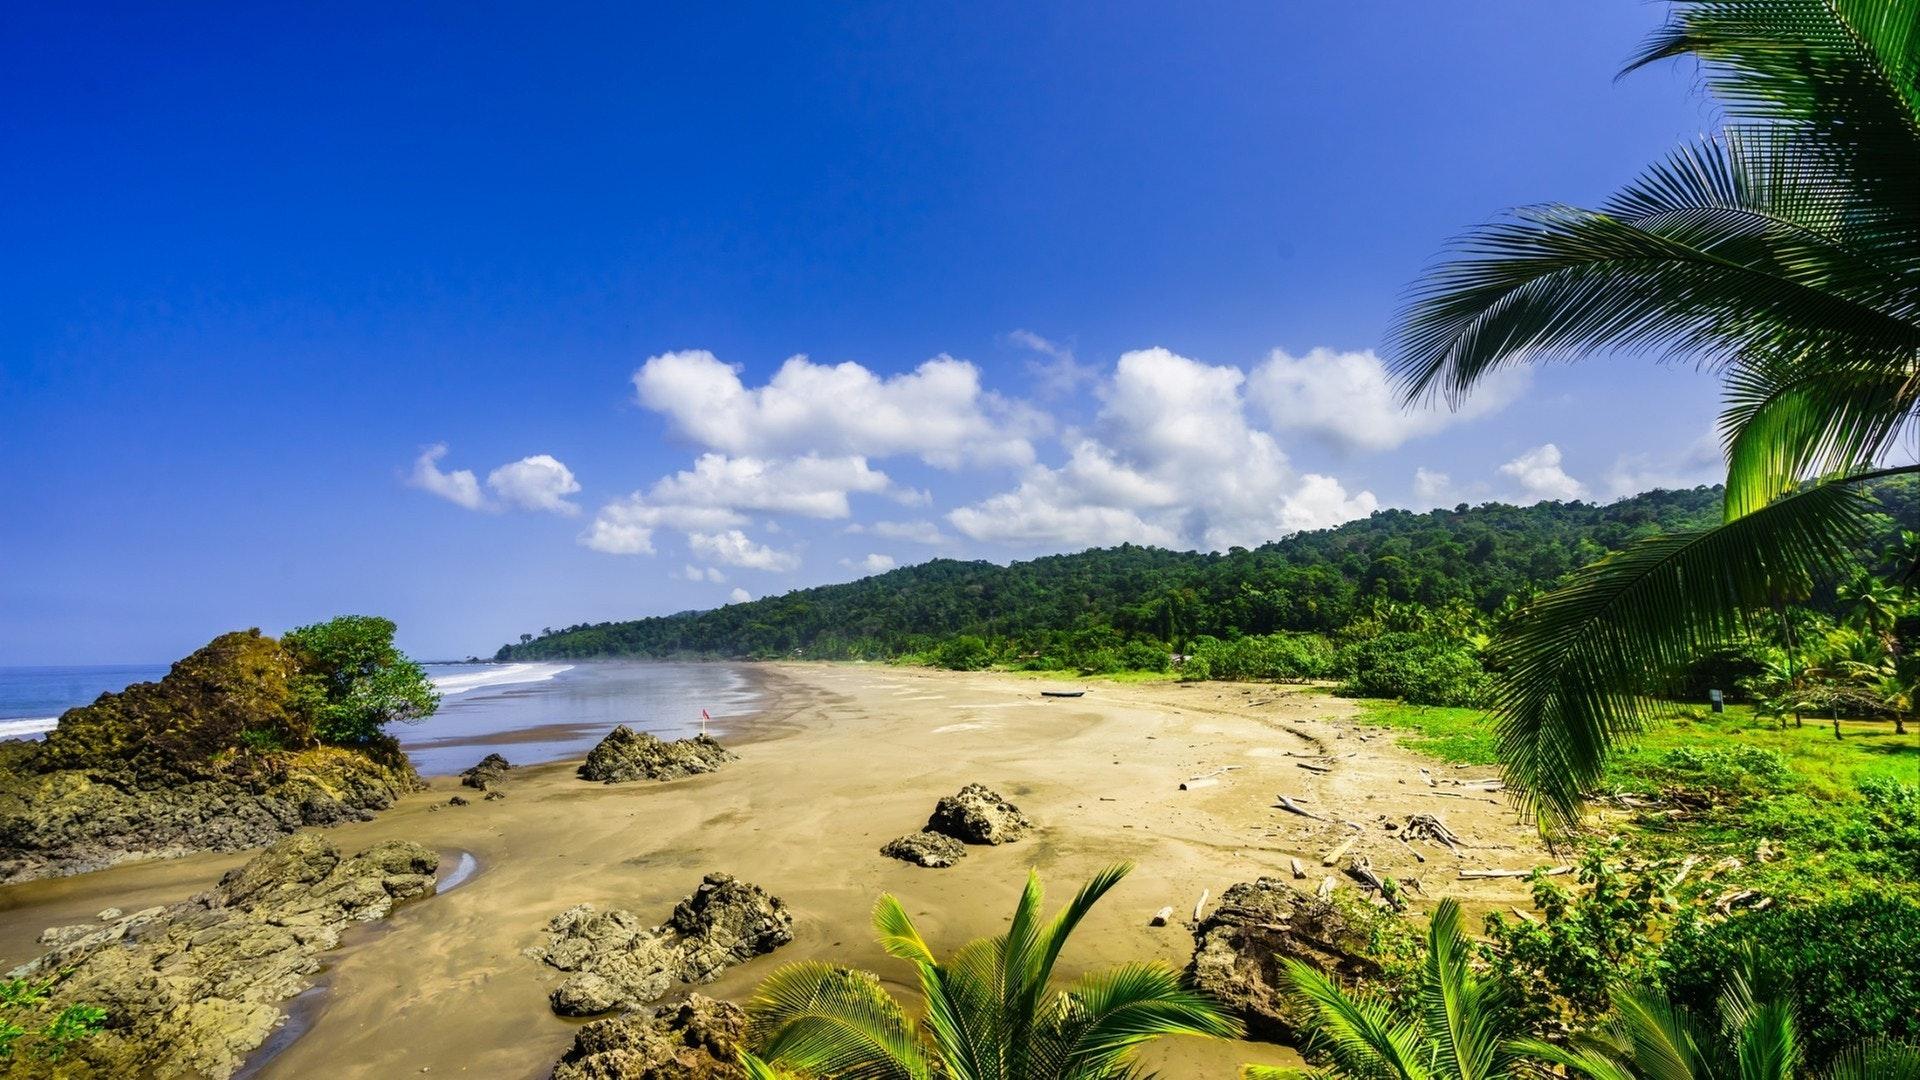 热带海滩 Almejal 在太平洋海岸旁边的 El Valle 在乔科地区的哥伦比亚